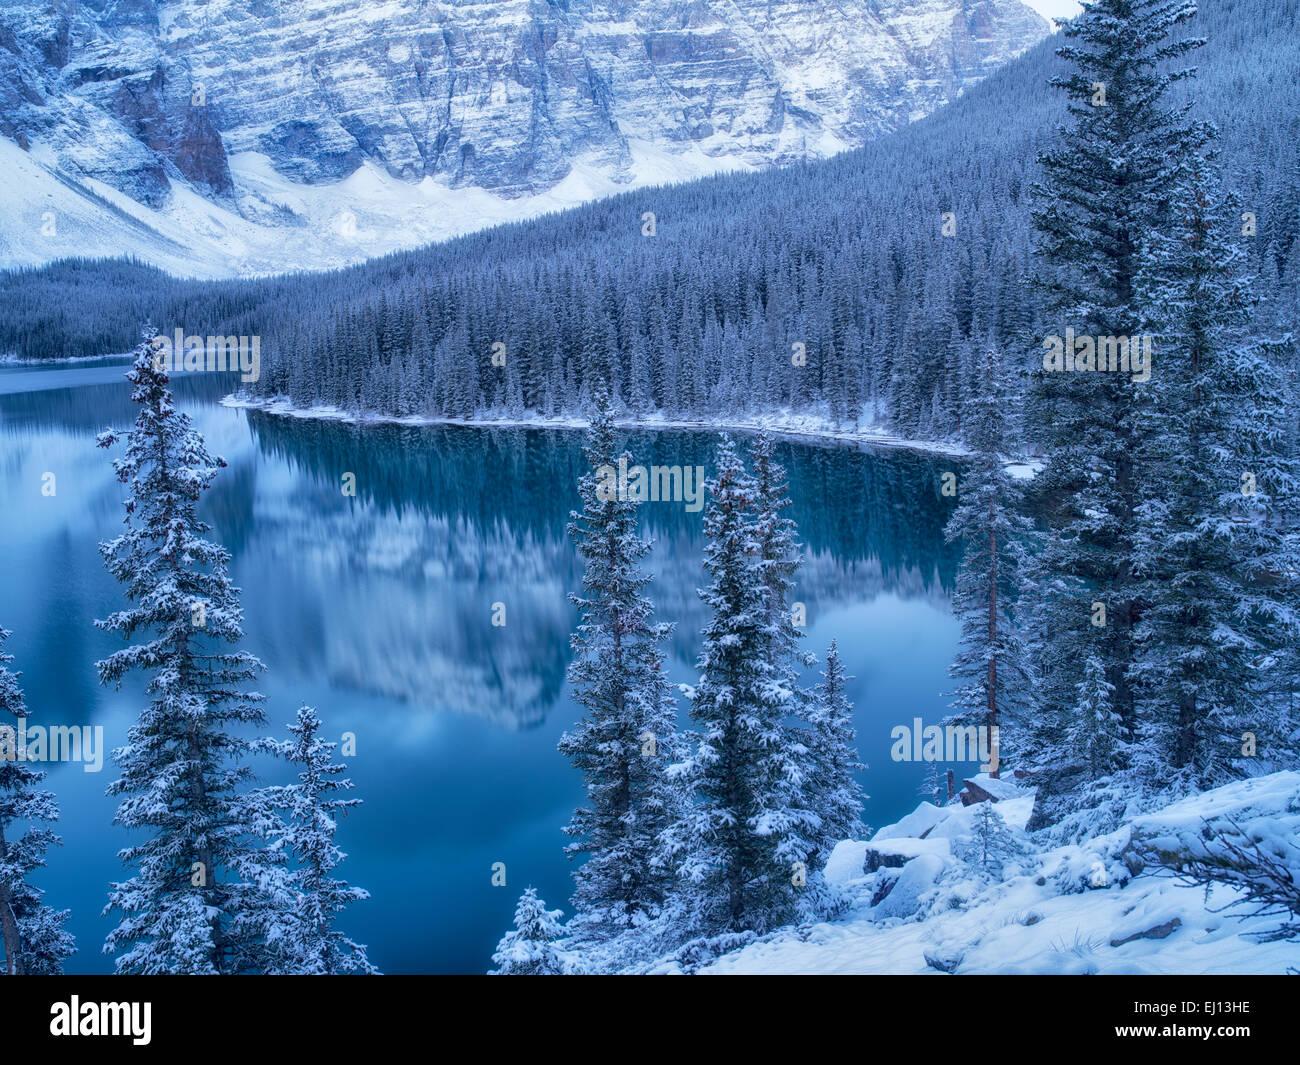 Prima neve della stagione sul Lago Moraine. Il Parco Nazionale di Banff, Alberta, Canada Immagini Stock